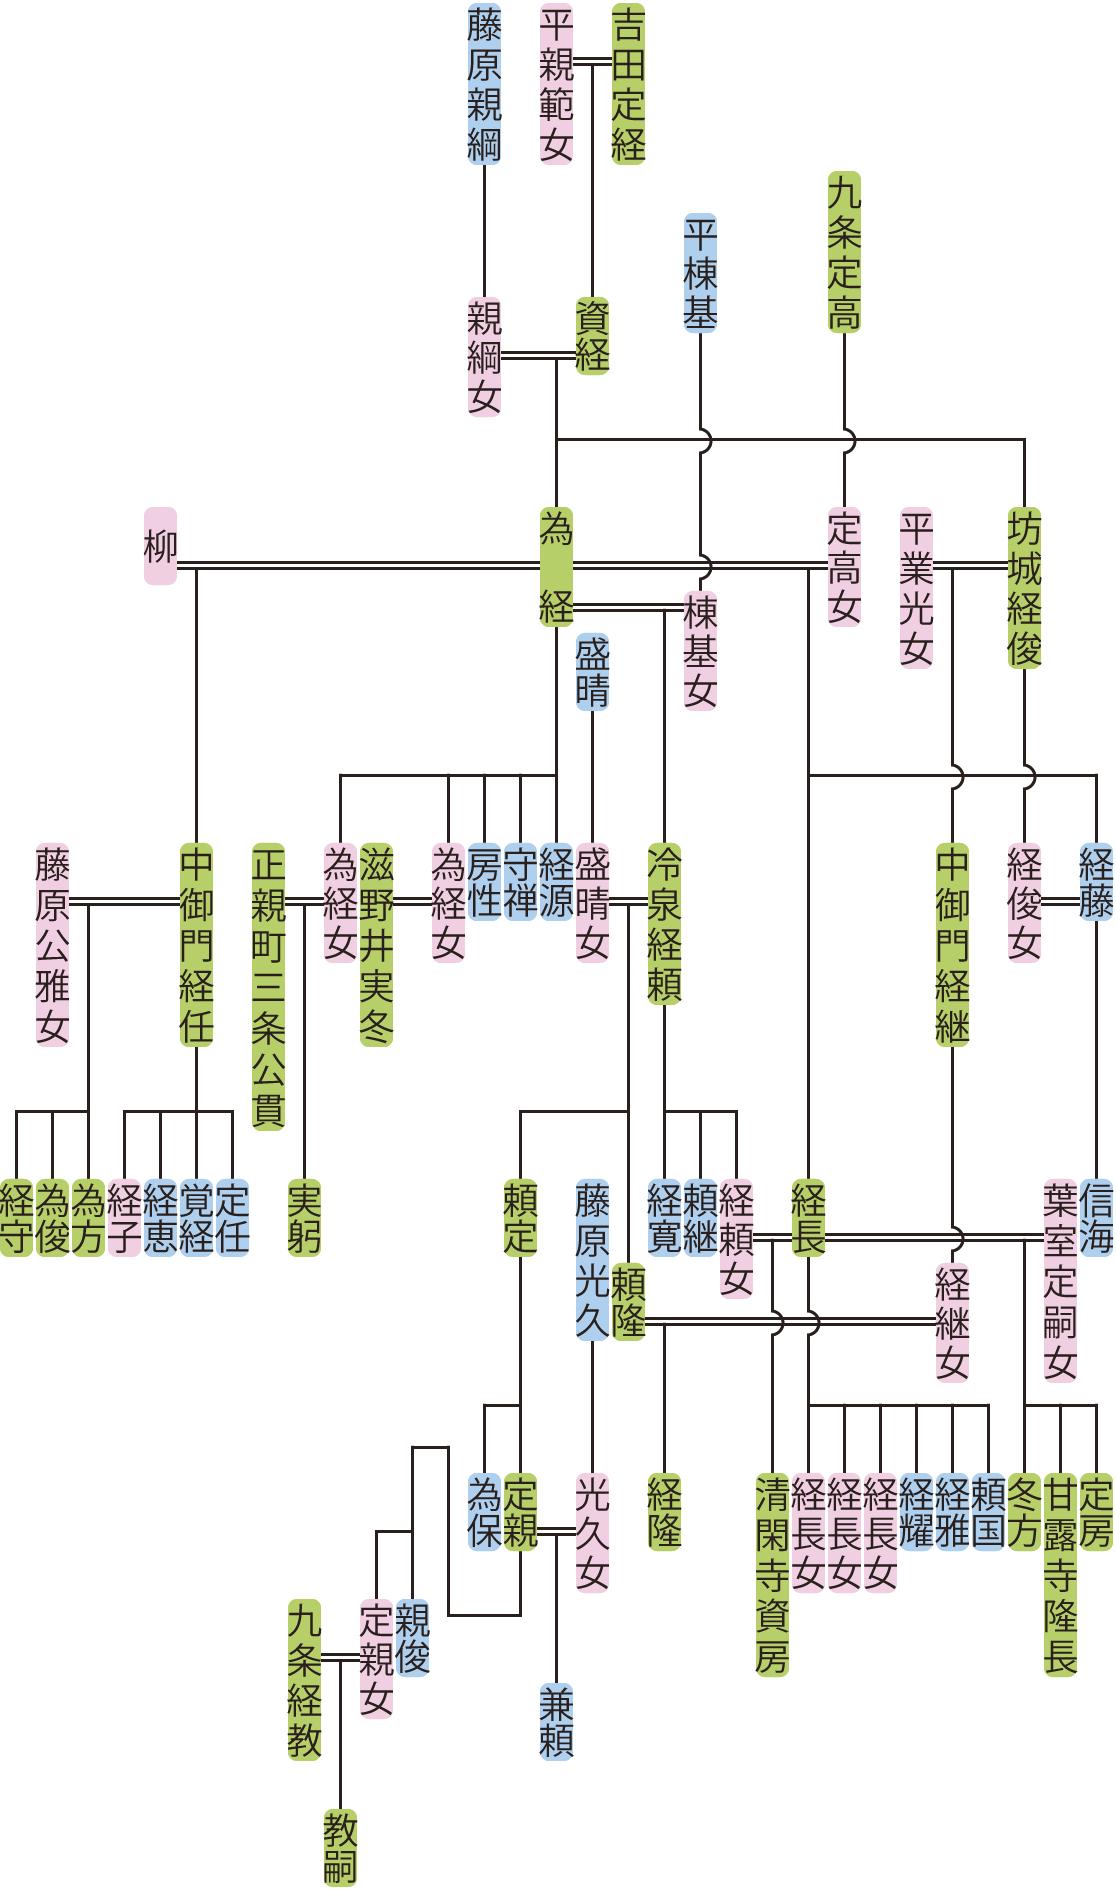 吉田為経の系図